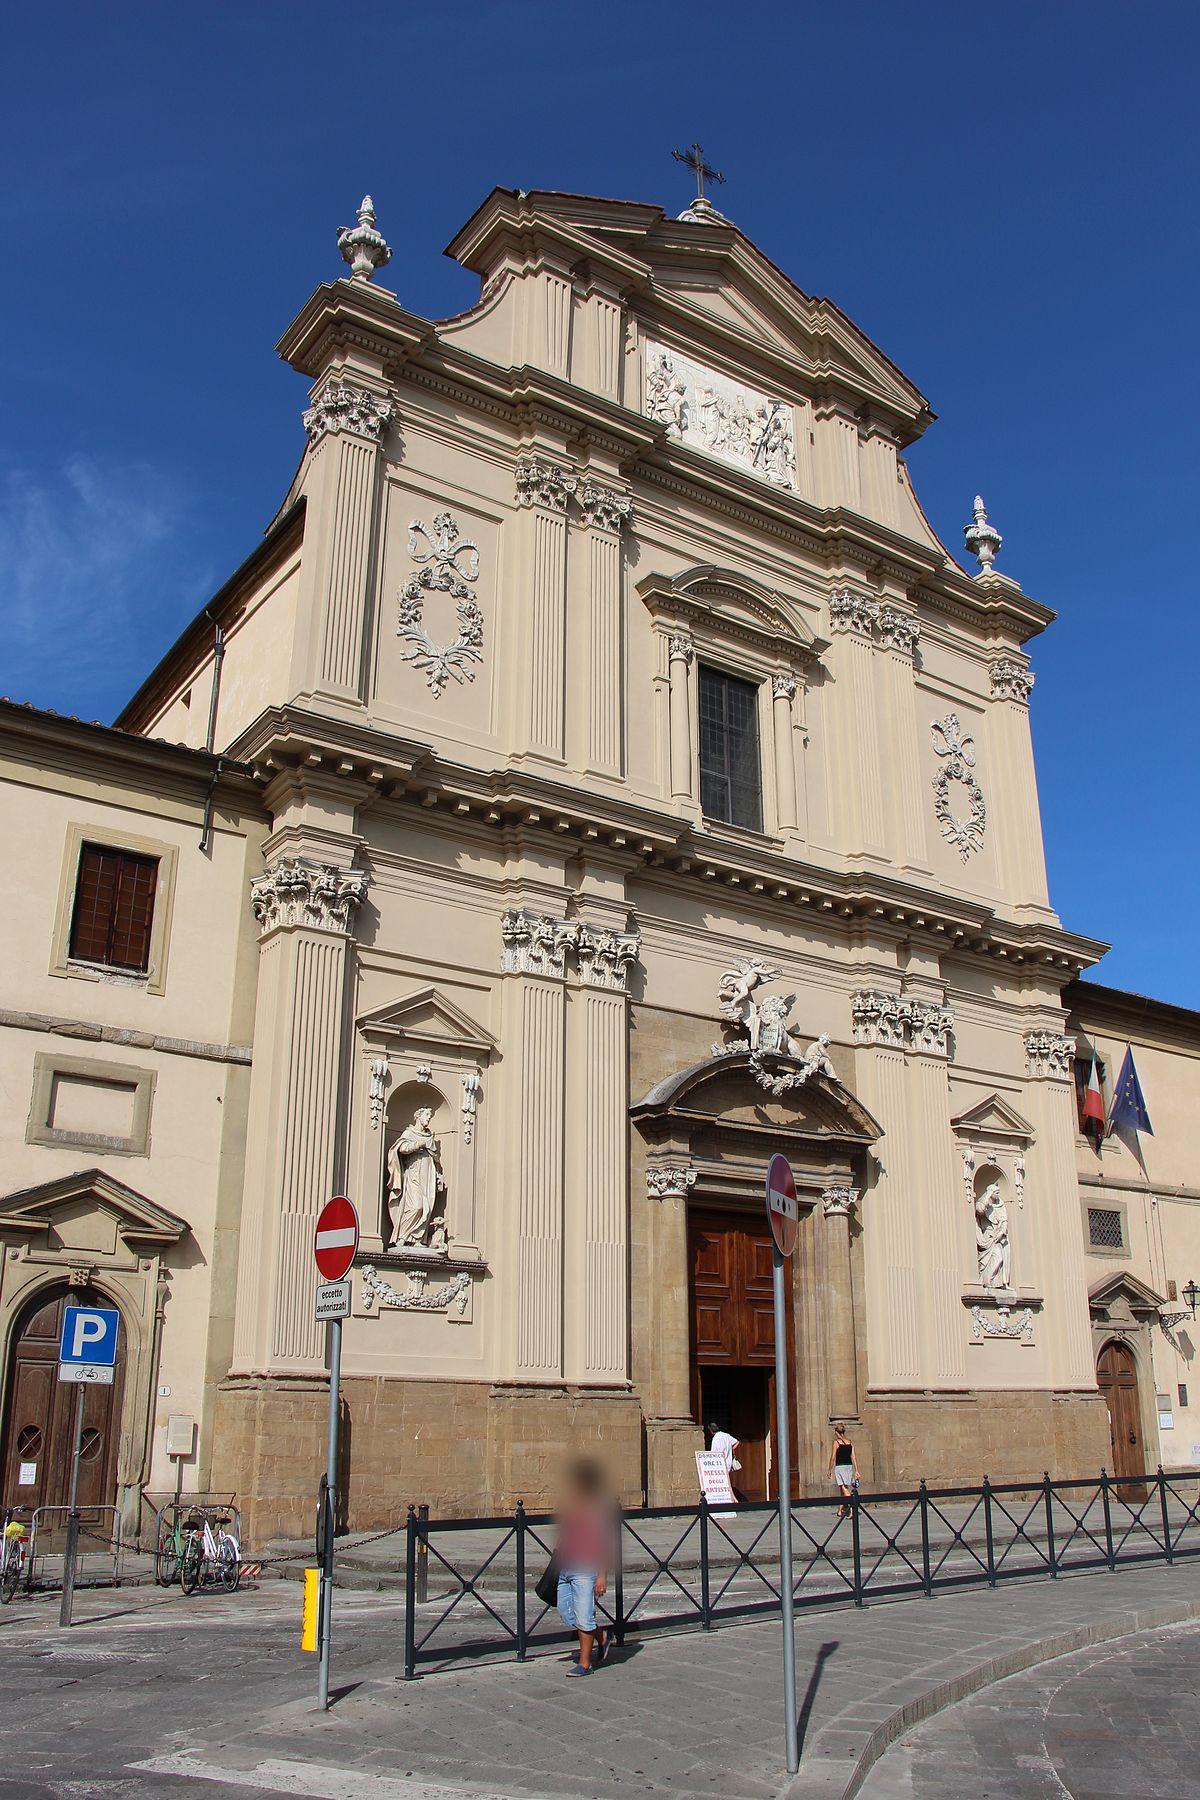 Basilica di San Marco (Firenze) - Wikipedia